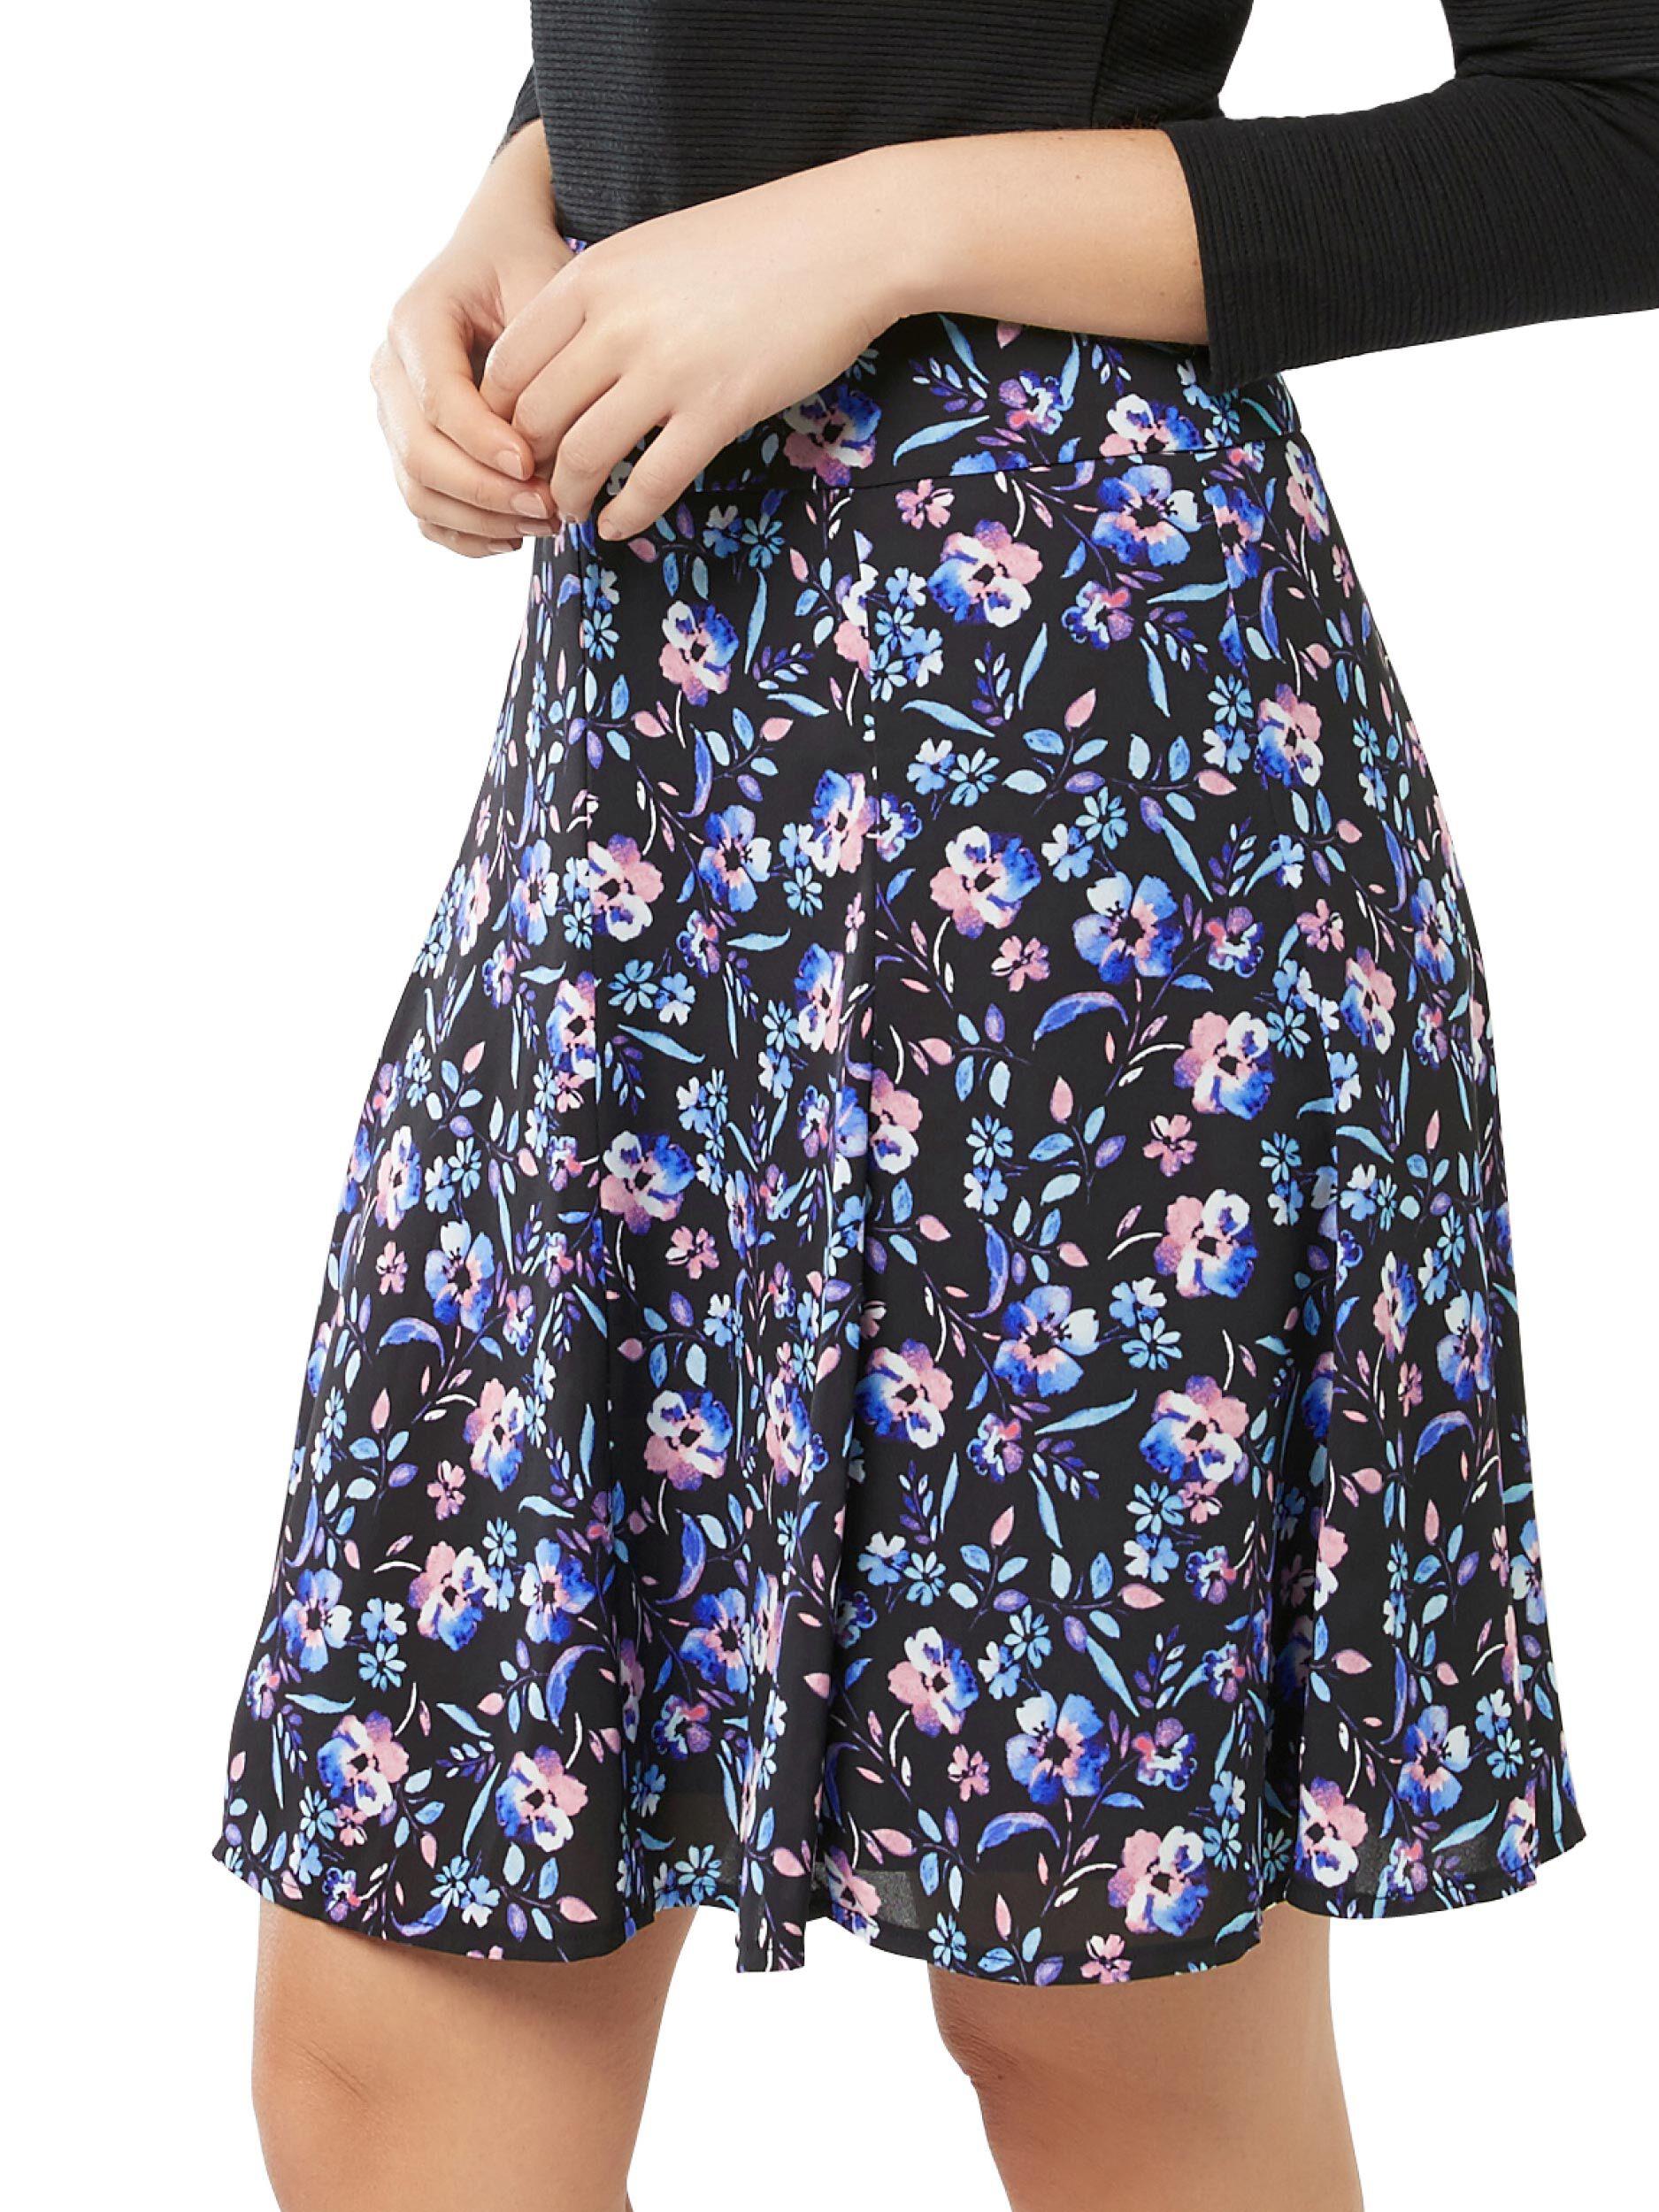 Moonlit Skirt